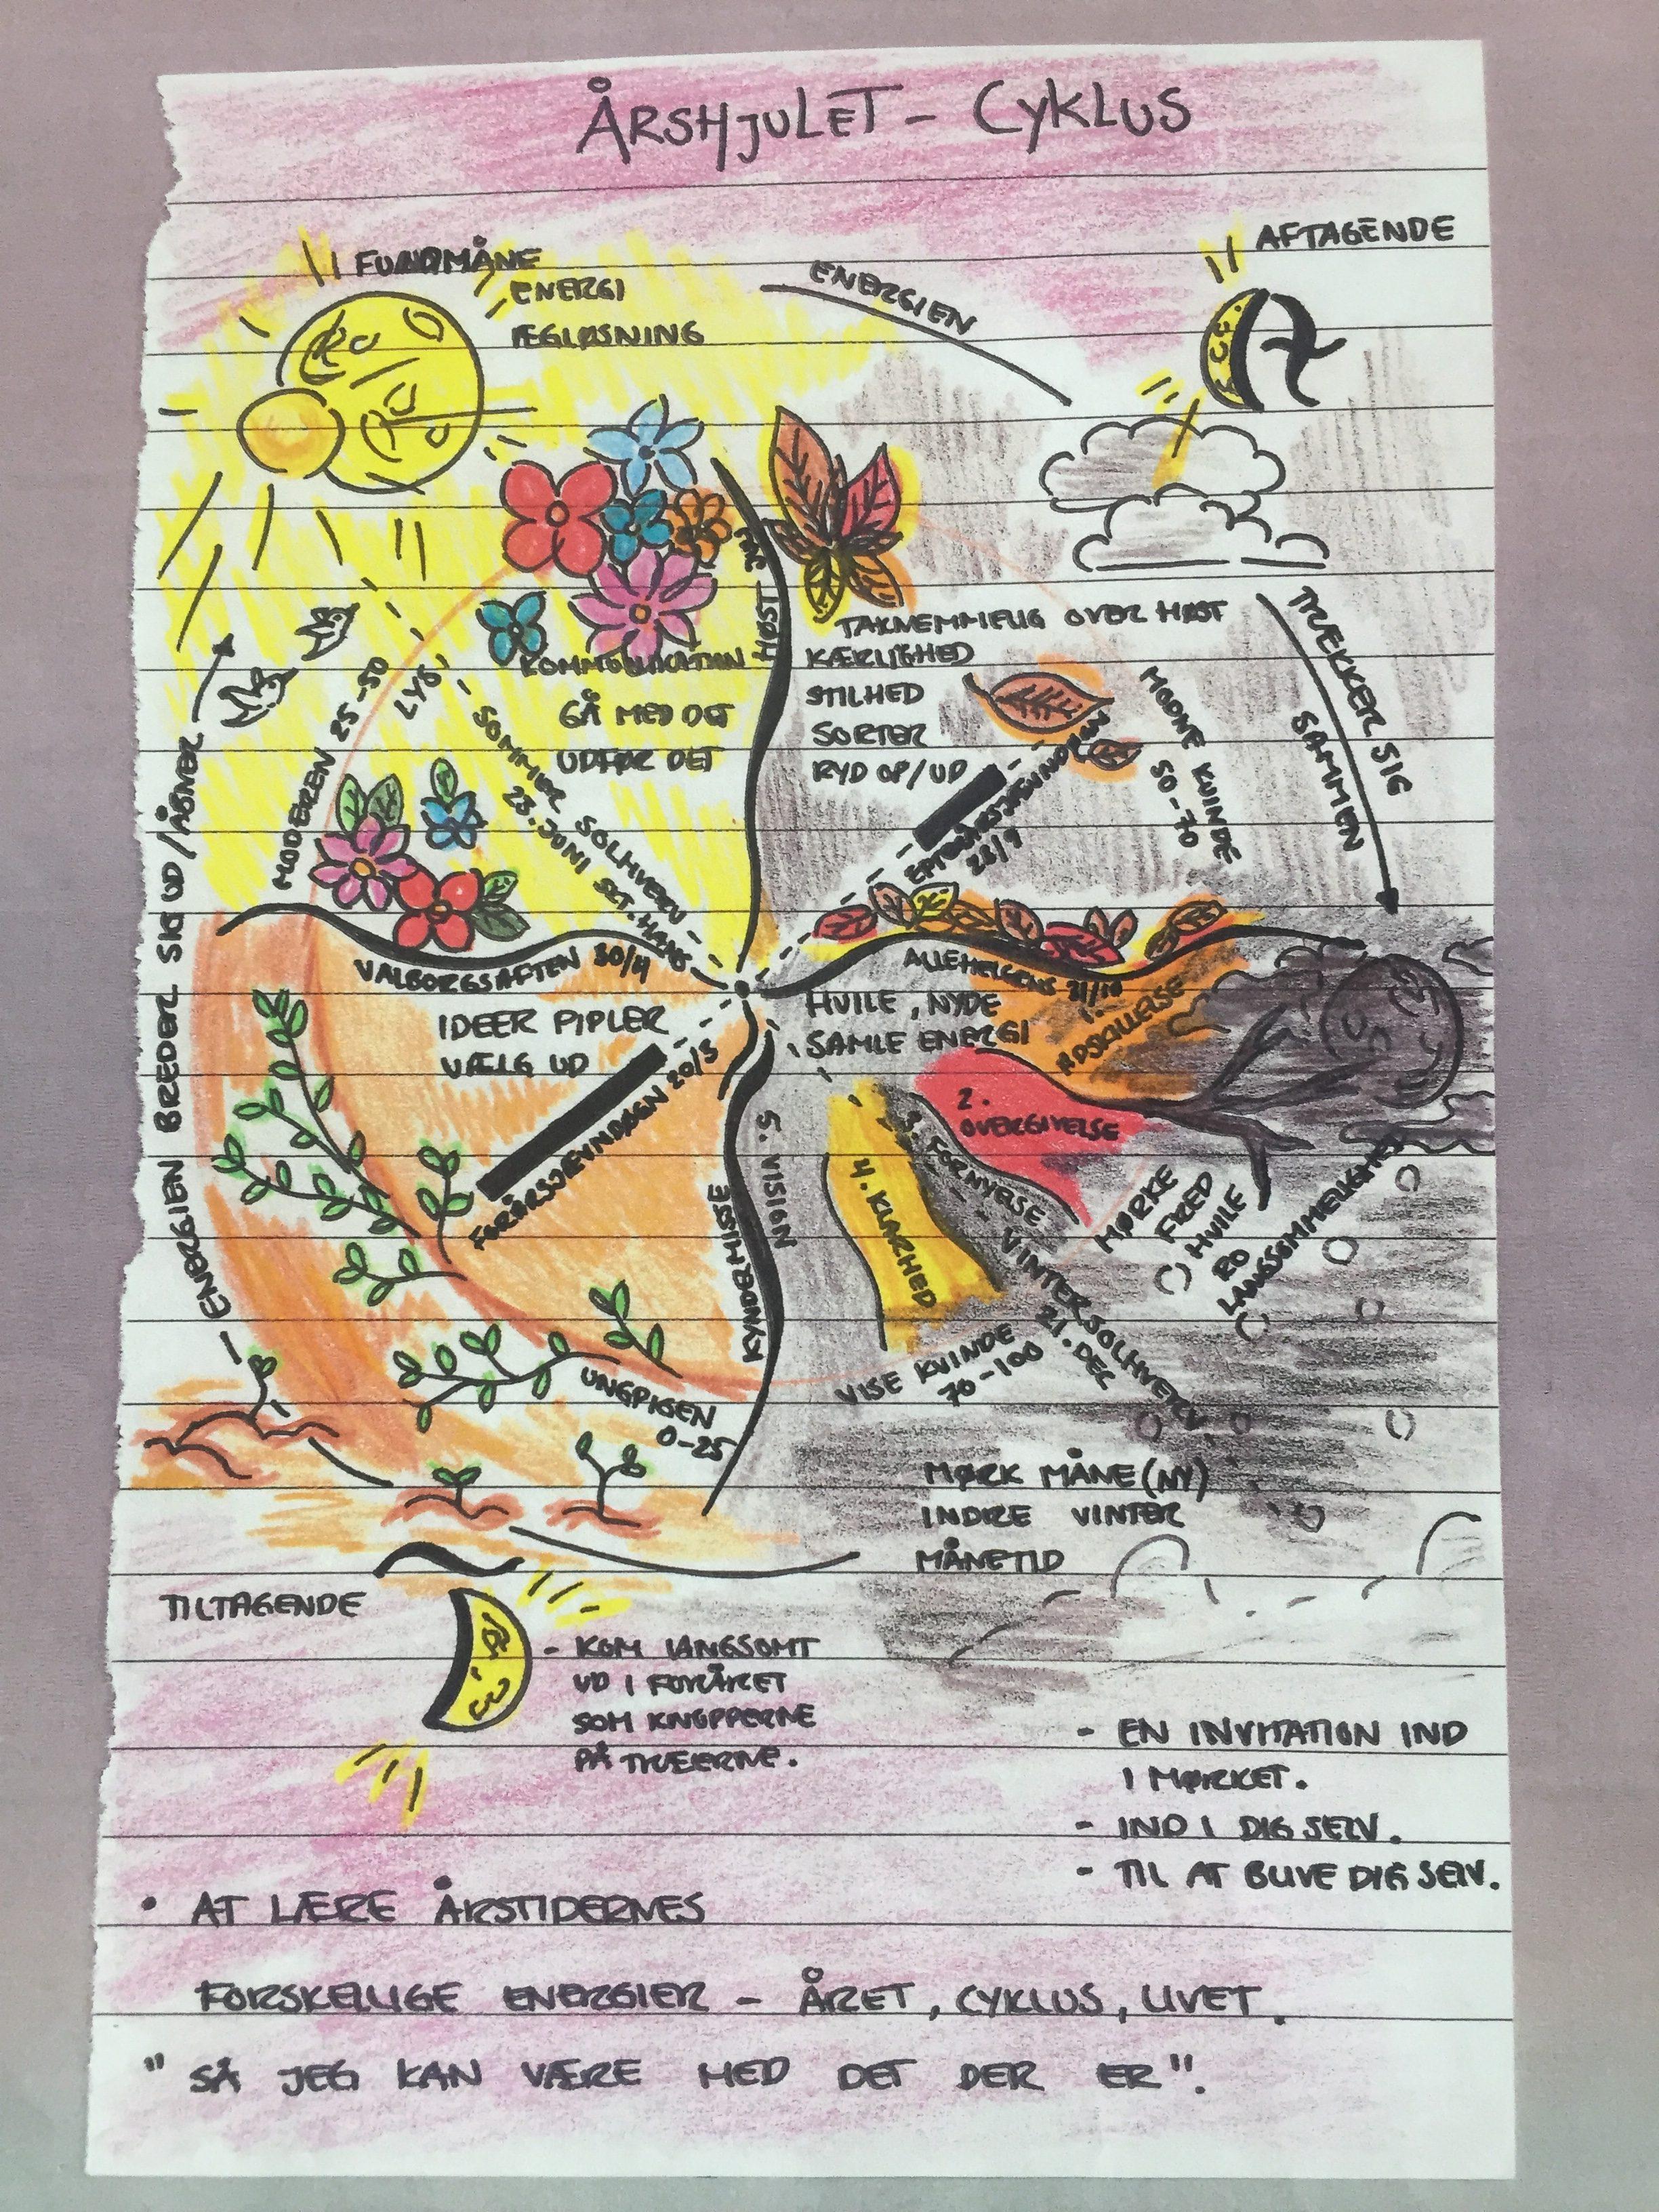 September, teenagere og cyklus-kit